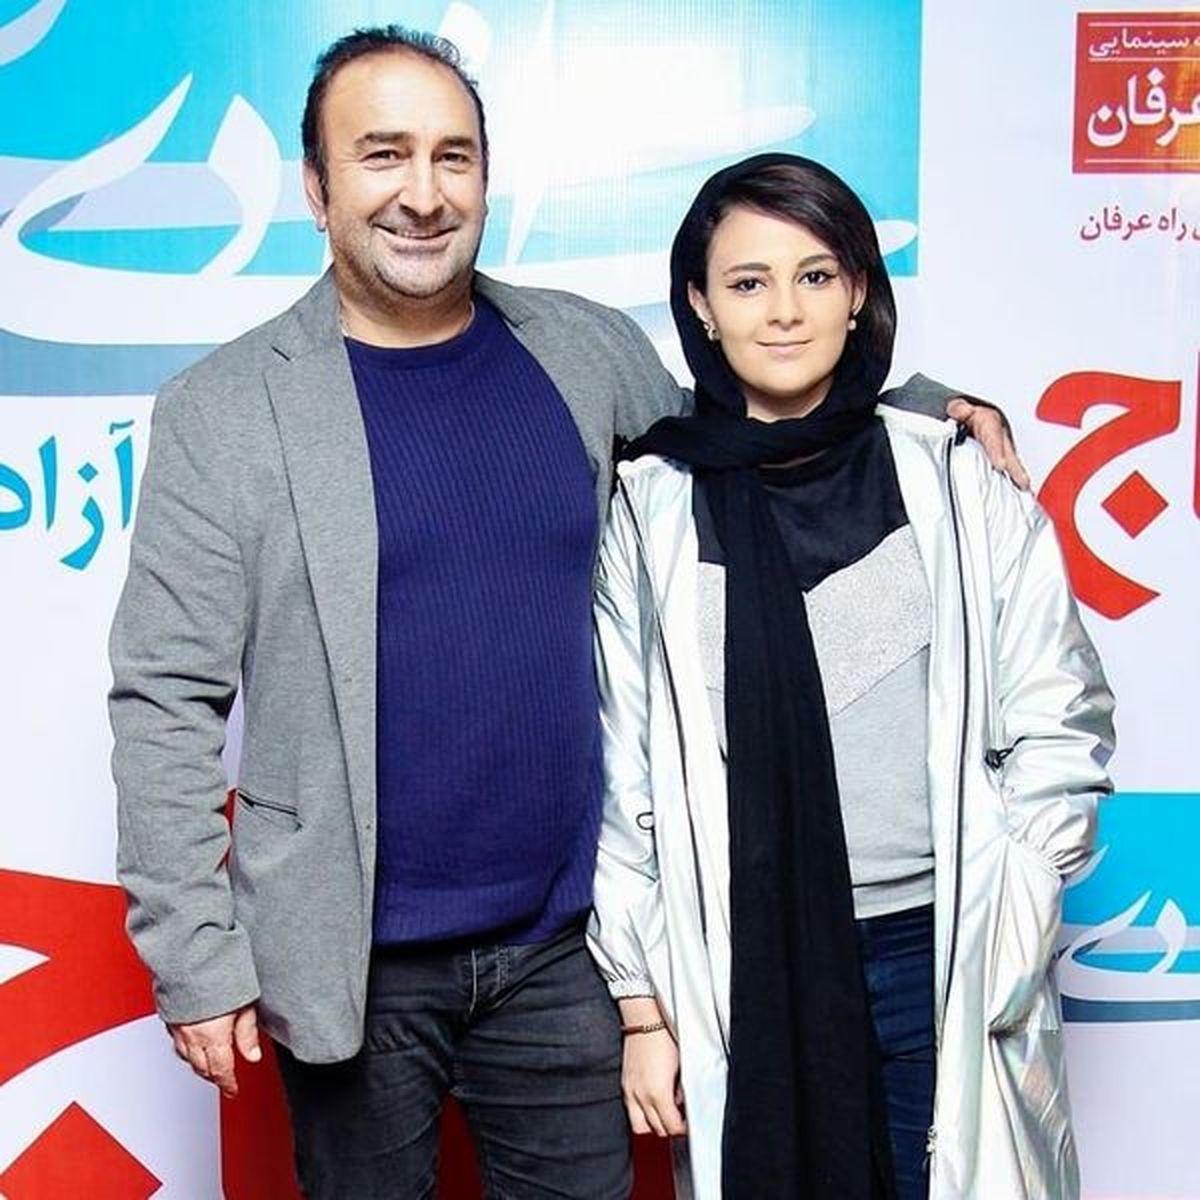 بیوگرافی مهران احمدی + تصاویر همسرش